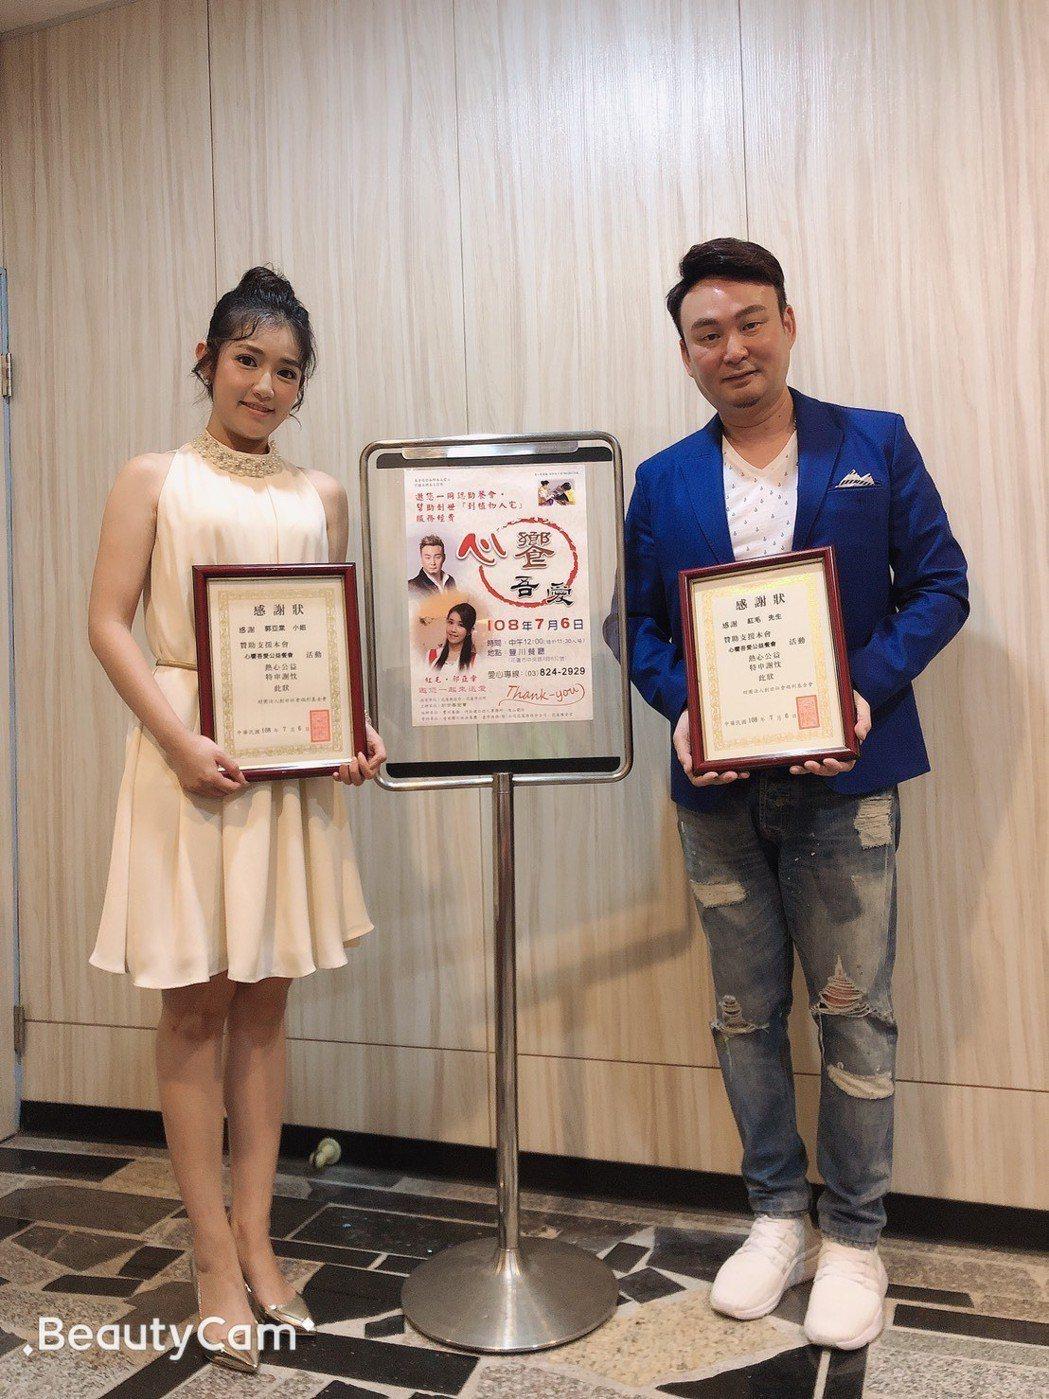 郭亞棠(左)、紅毛出席花蓮創世植物人音樂募款活動接受感謝狀。圖/民視提供